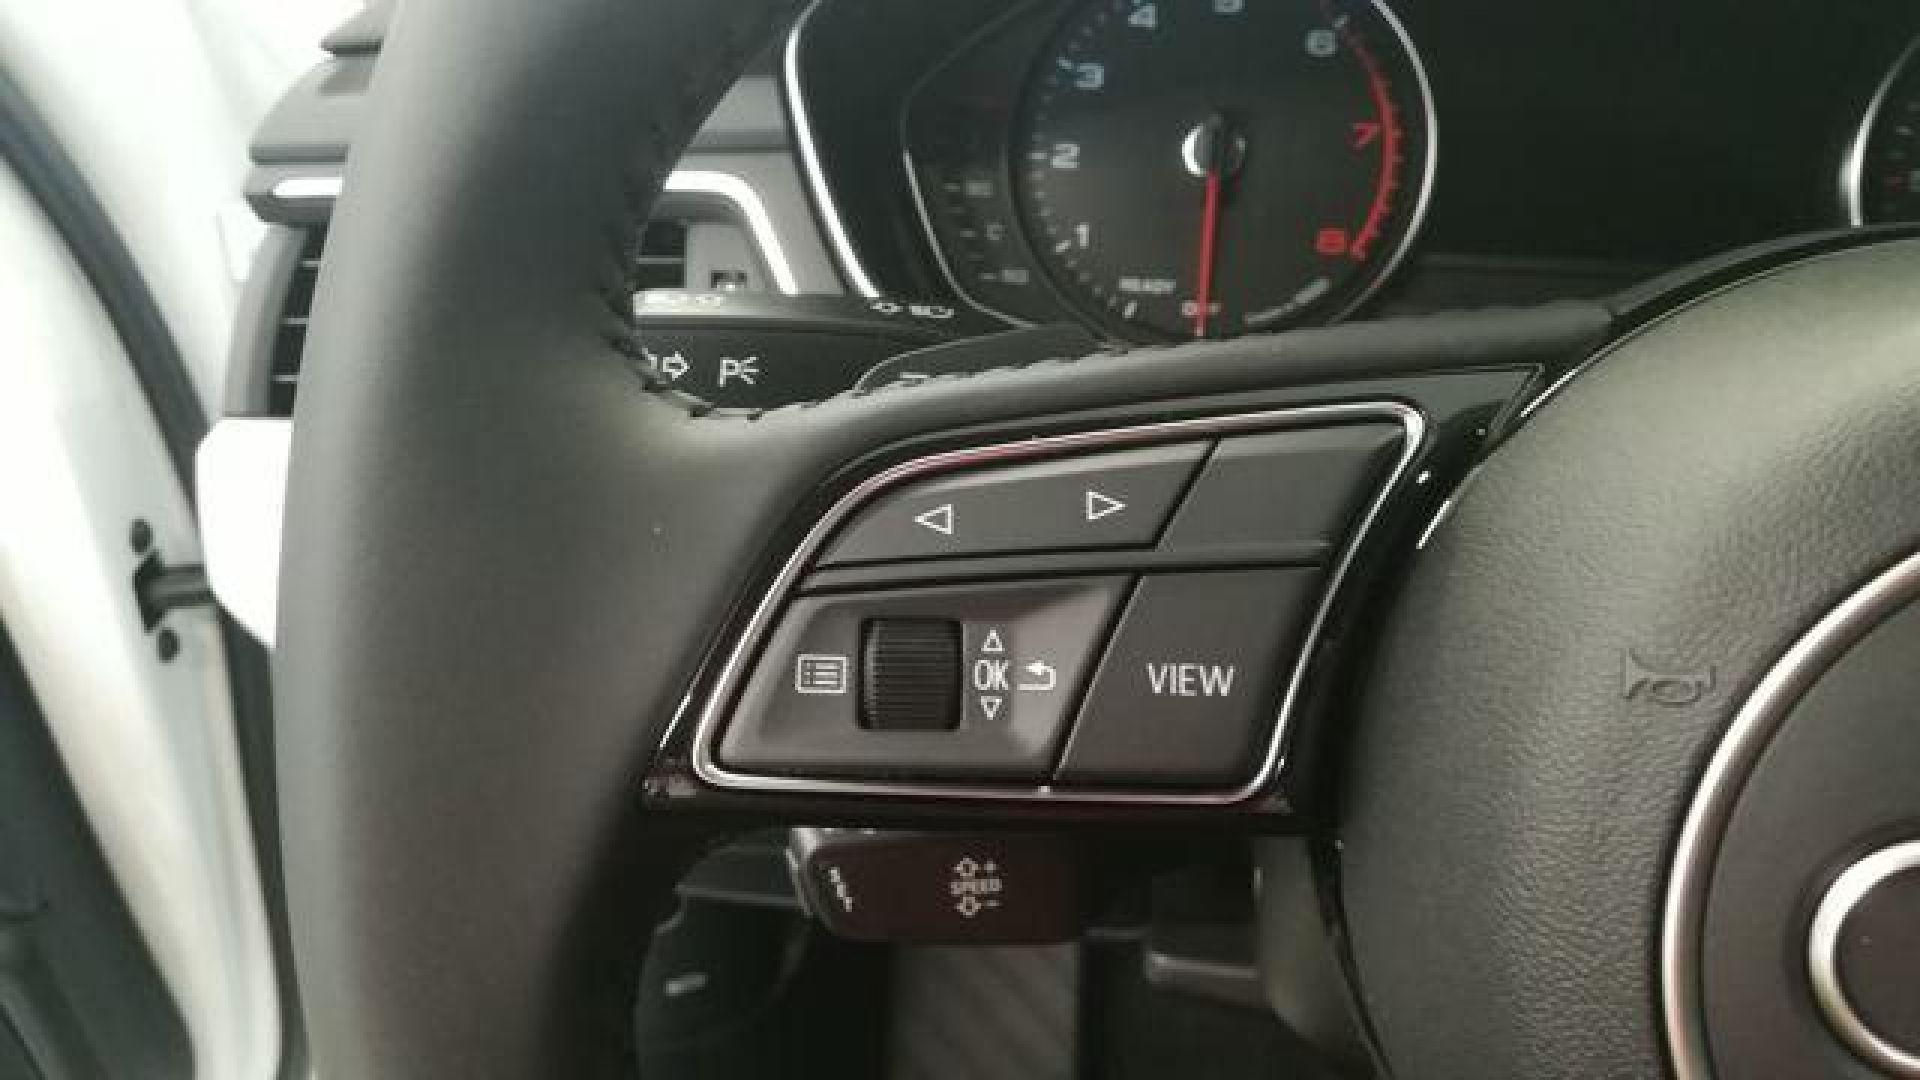 Audi A4 35 TFSI Advanced S tronic 110 kW (150 CV)